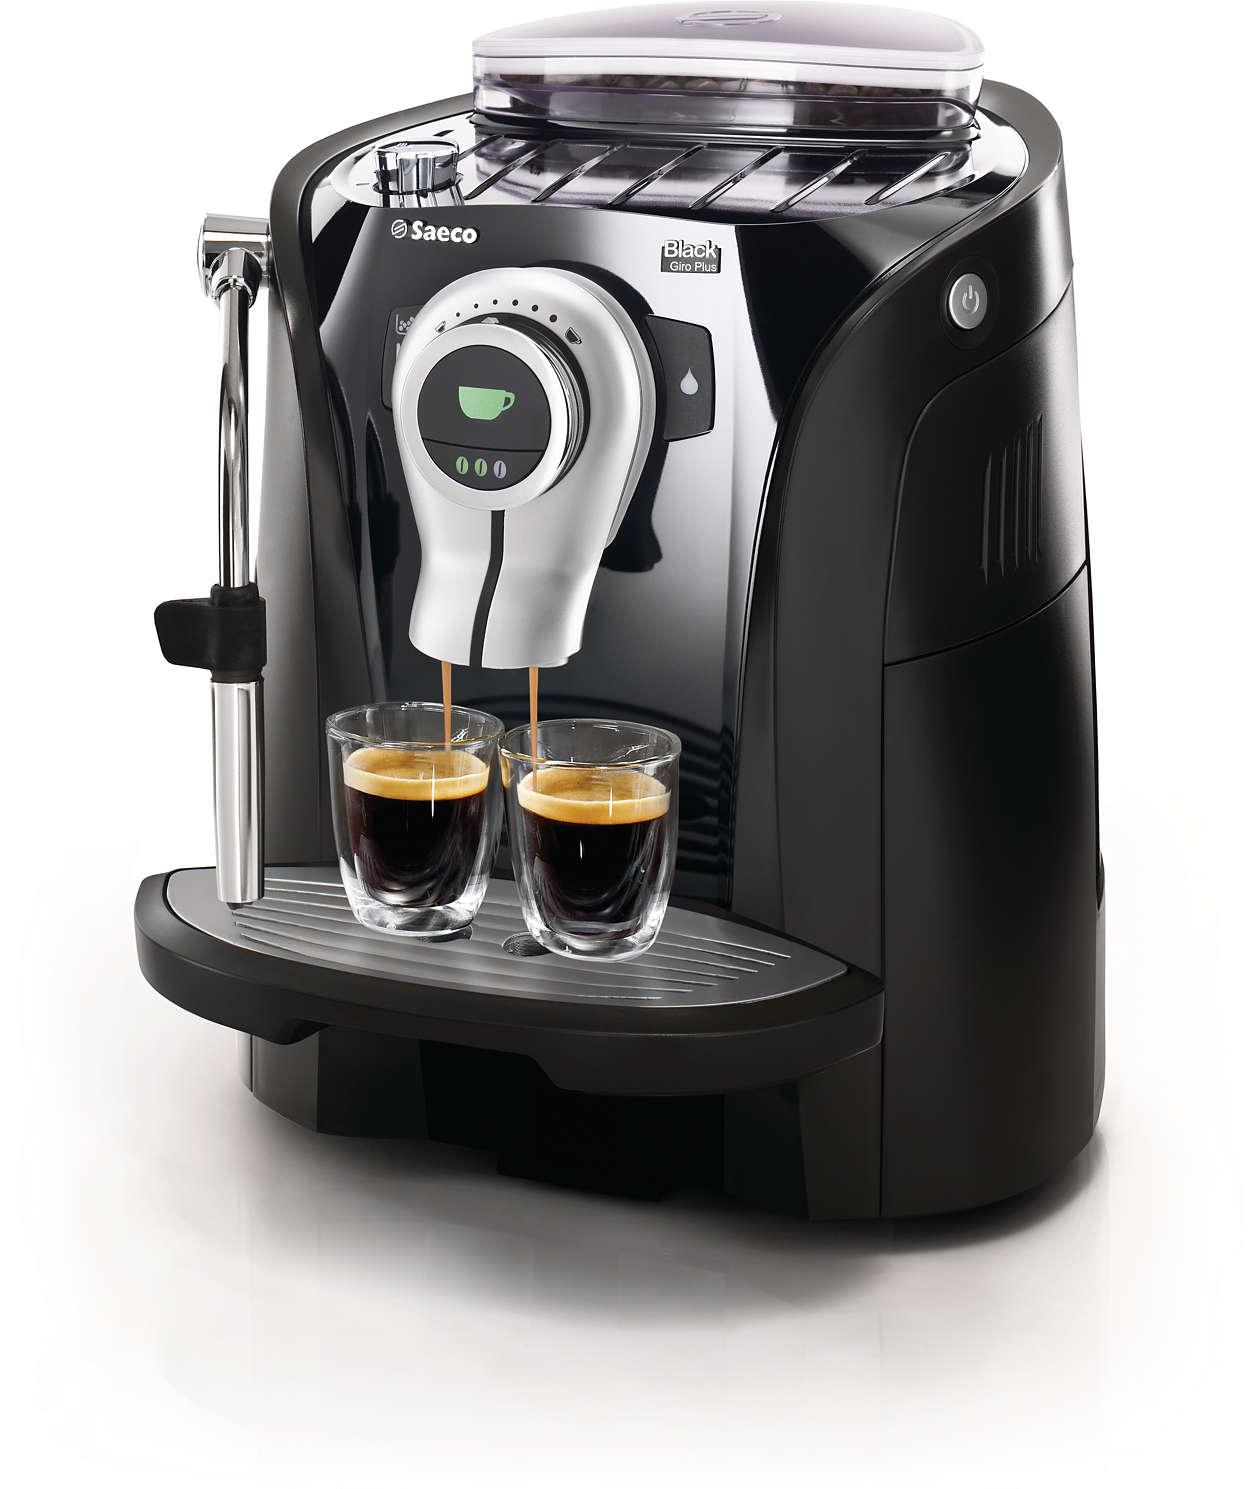 Эспрессо-кофемашина в стильном и функциональном дизайне